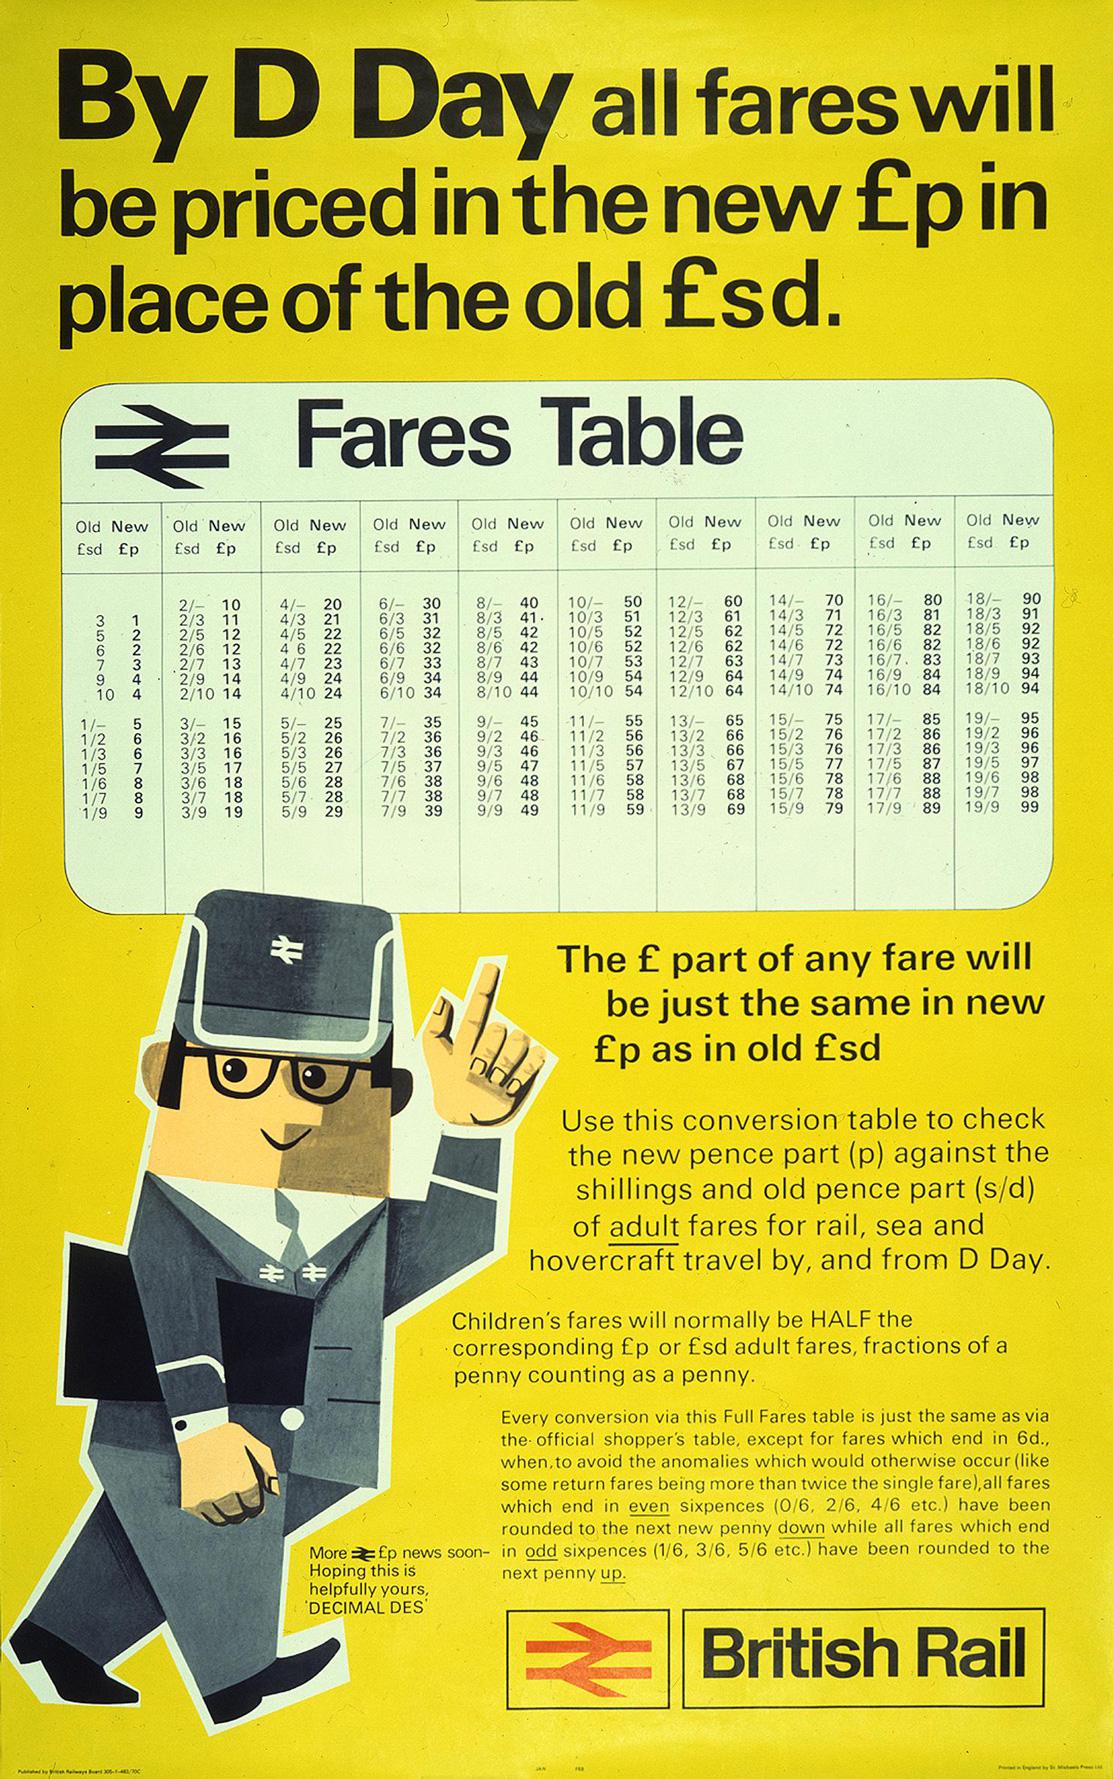 RAIL 1005 409 1971 decimalisation - BR, LT, and decimalisation 1971